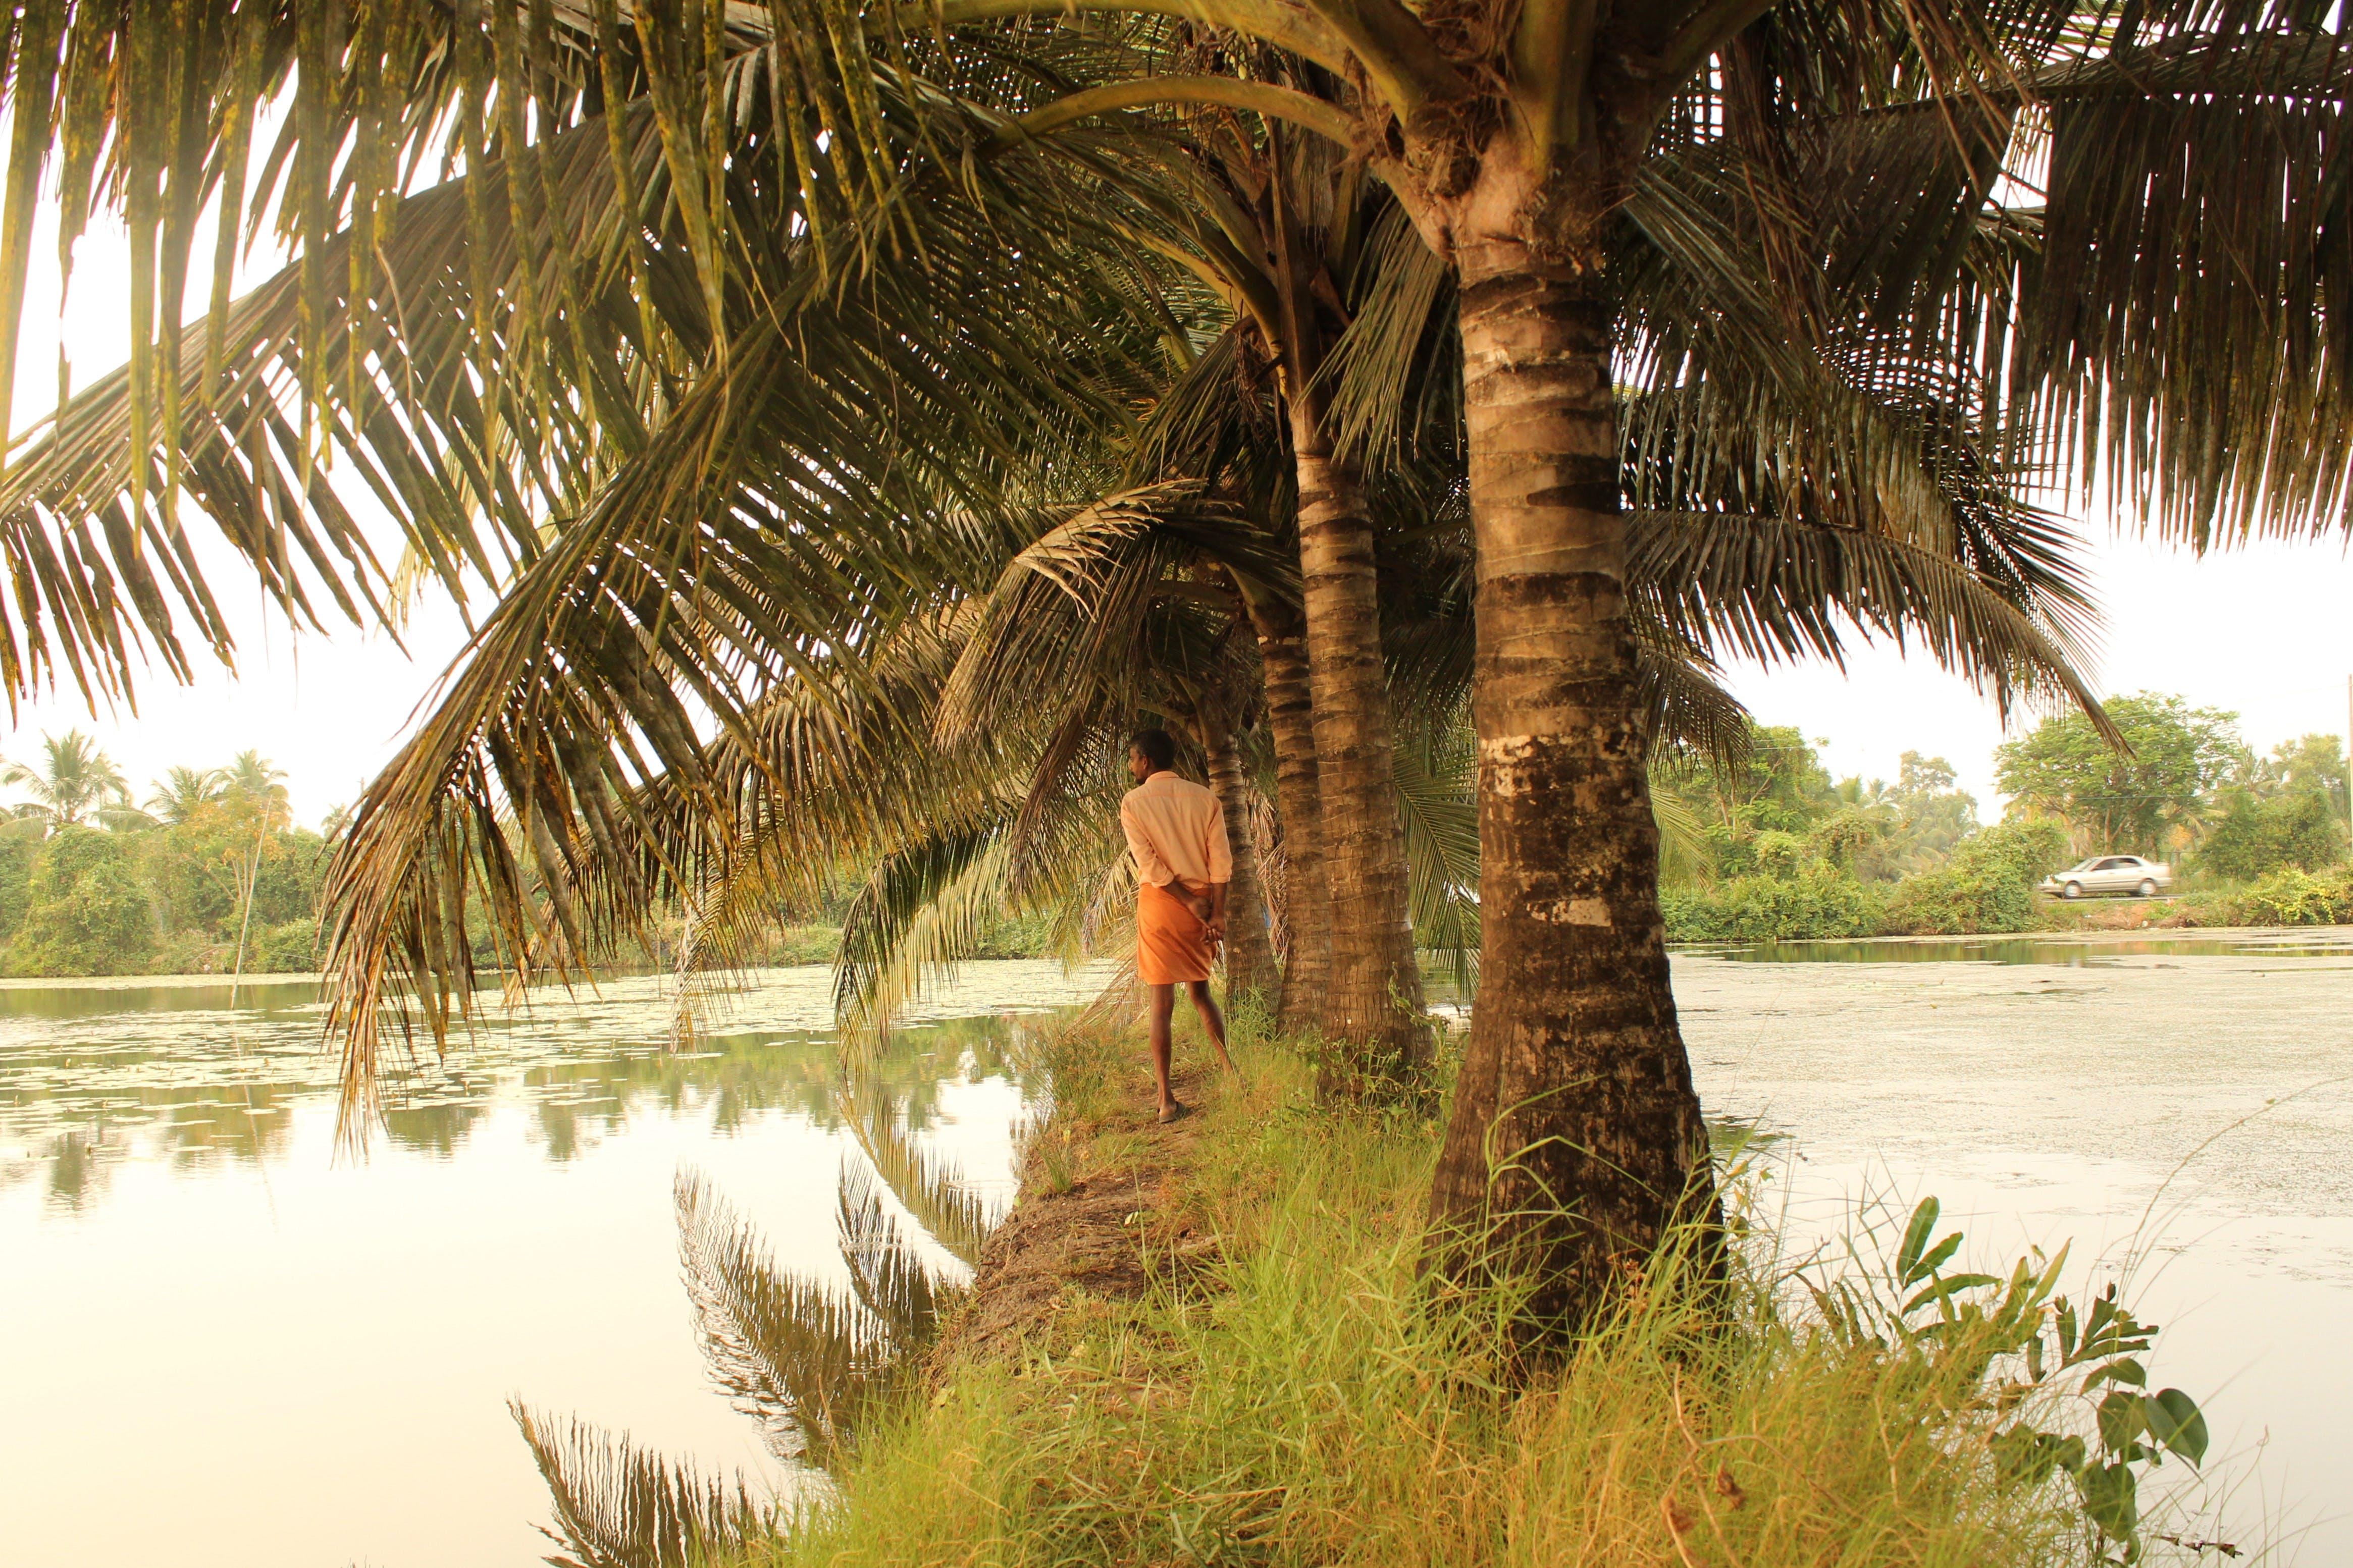 Základová fotografie zdarma na téma cestovatelé, krása v přírodě, odraz jezera, palma